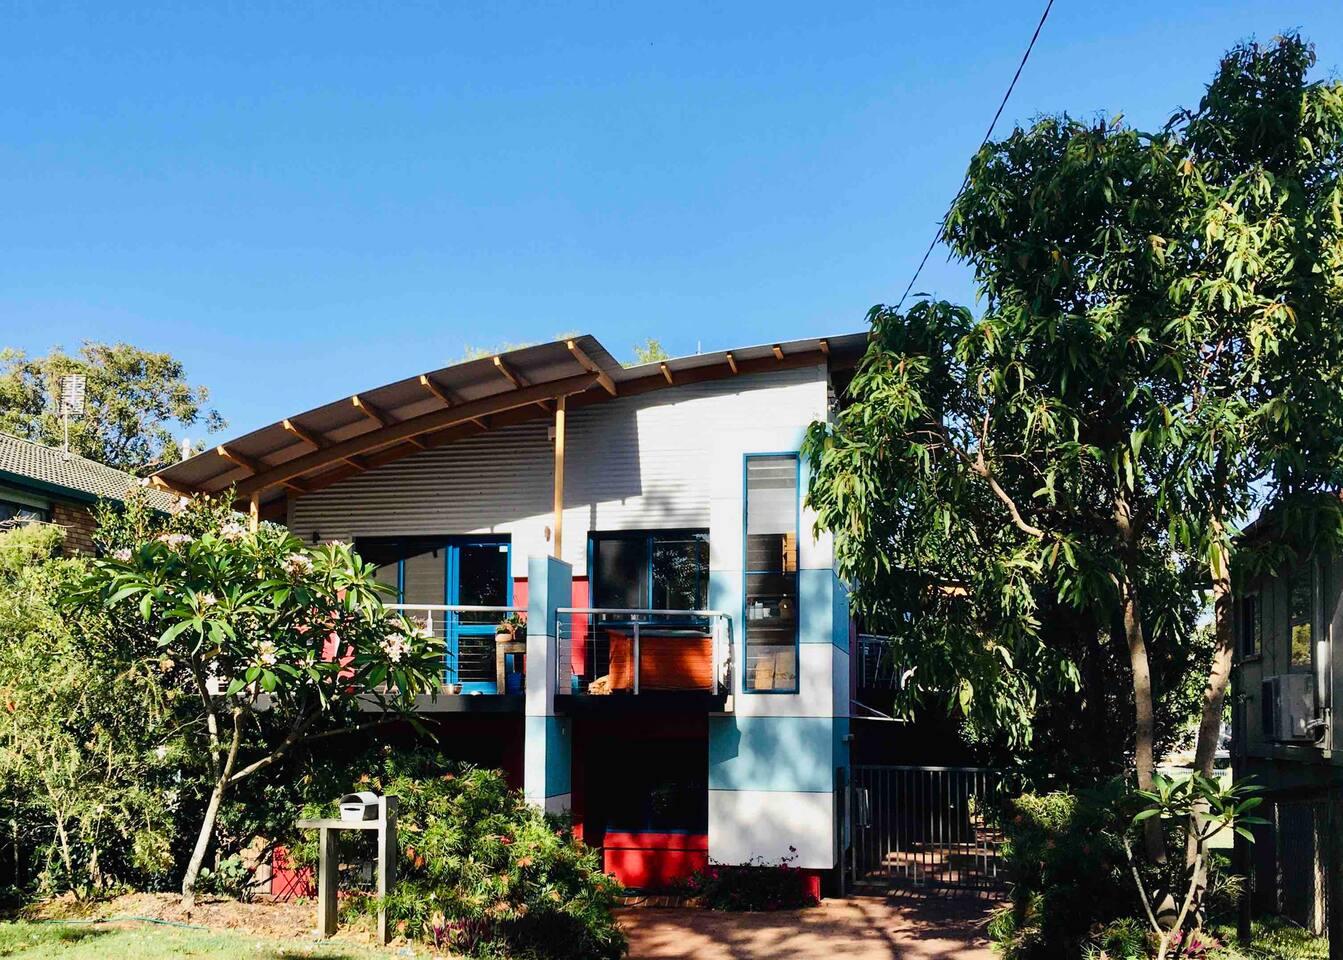 Architecturally-built beachside getaway